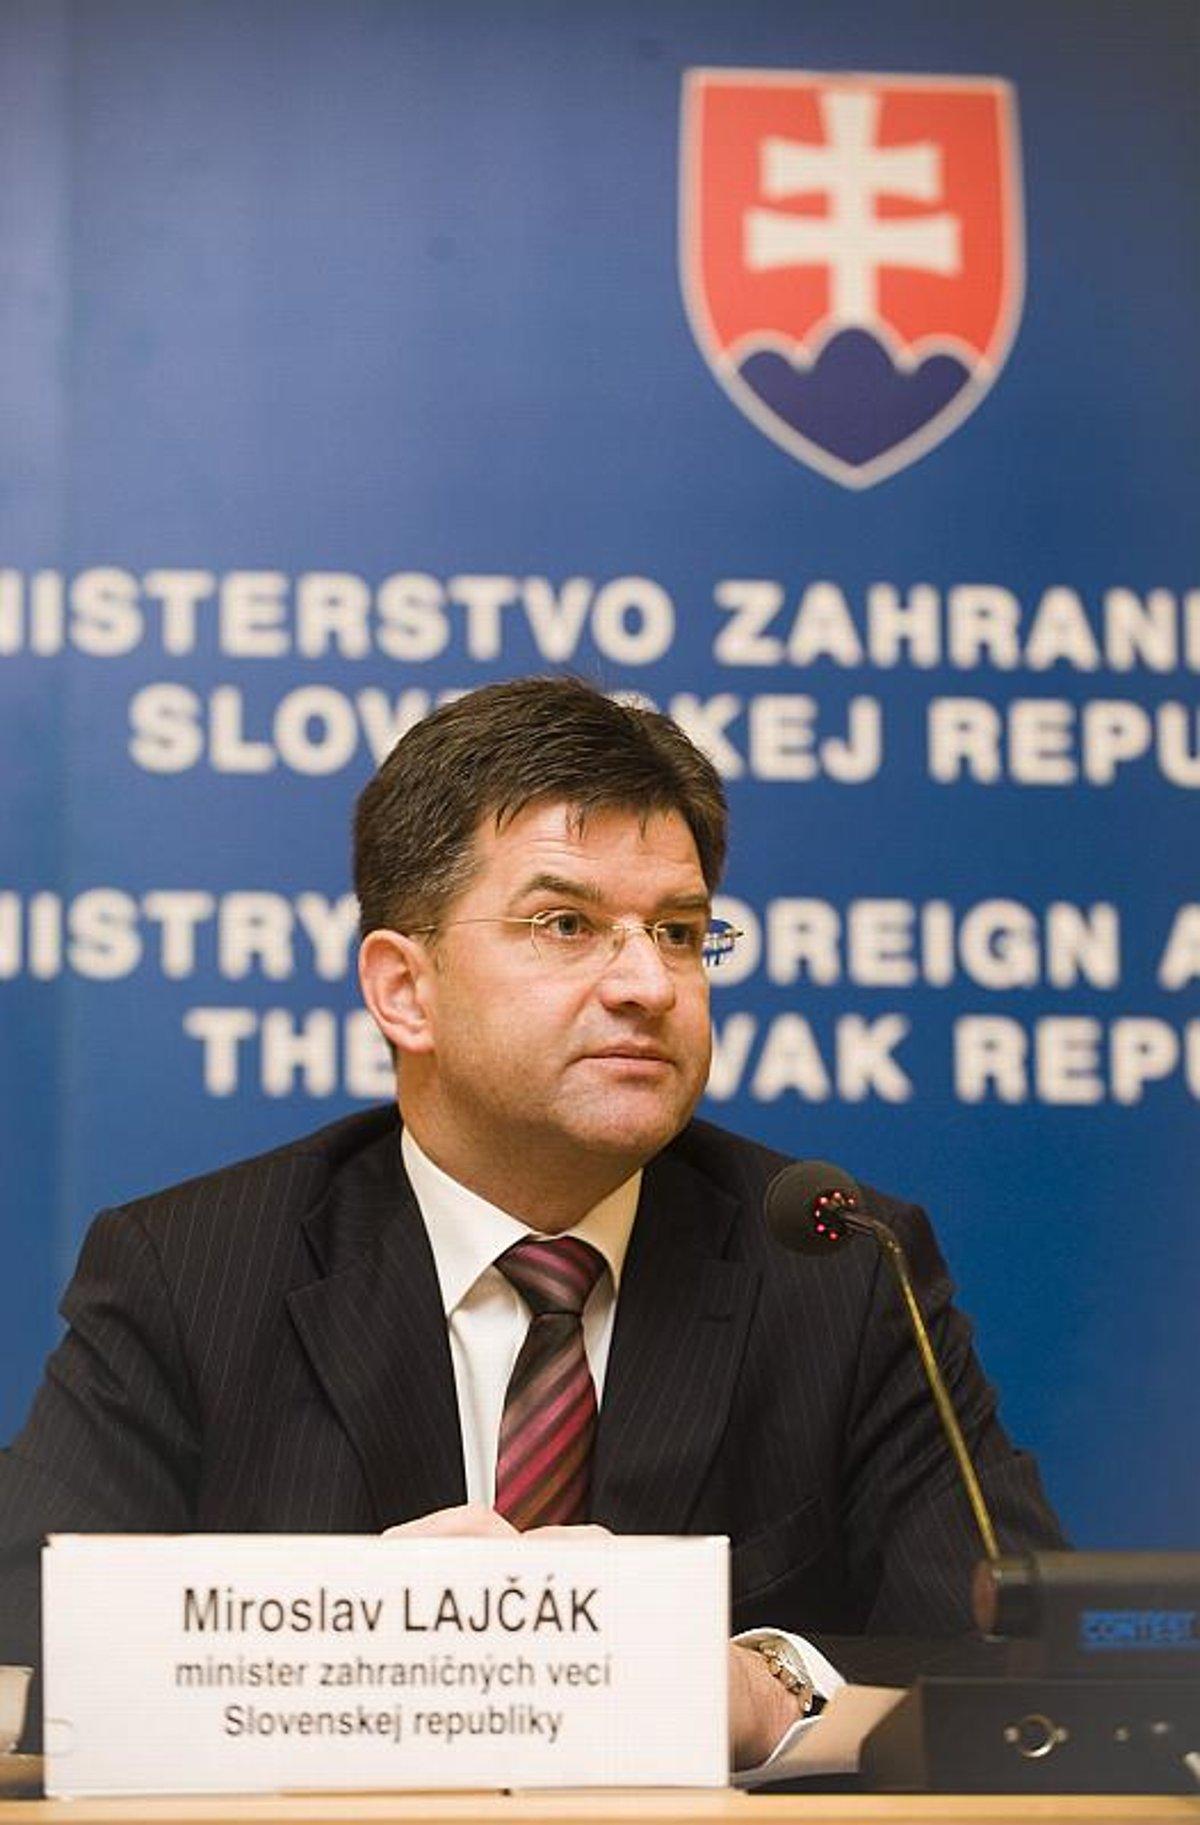 Miroslav lajcak wife sexual dysfunction